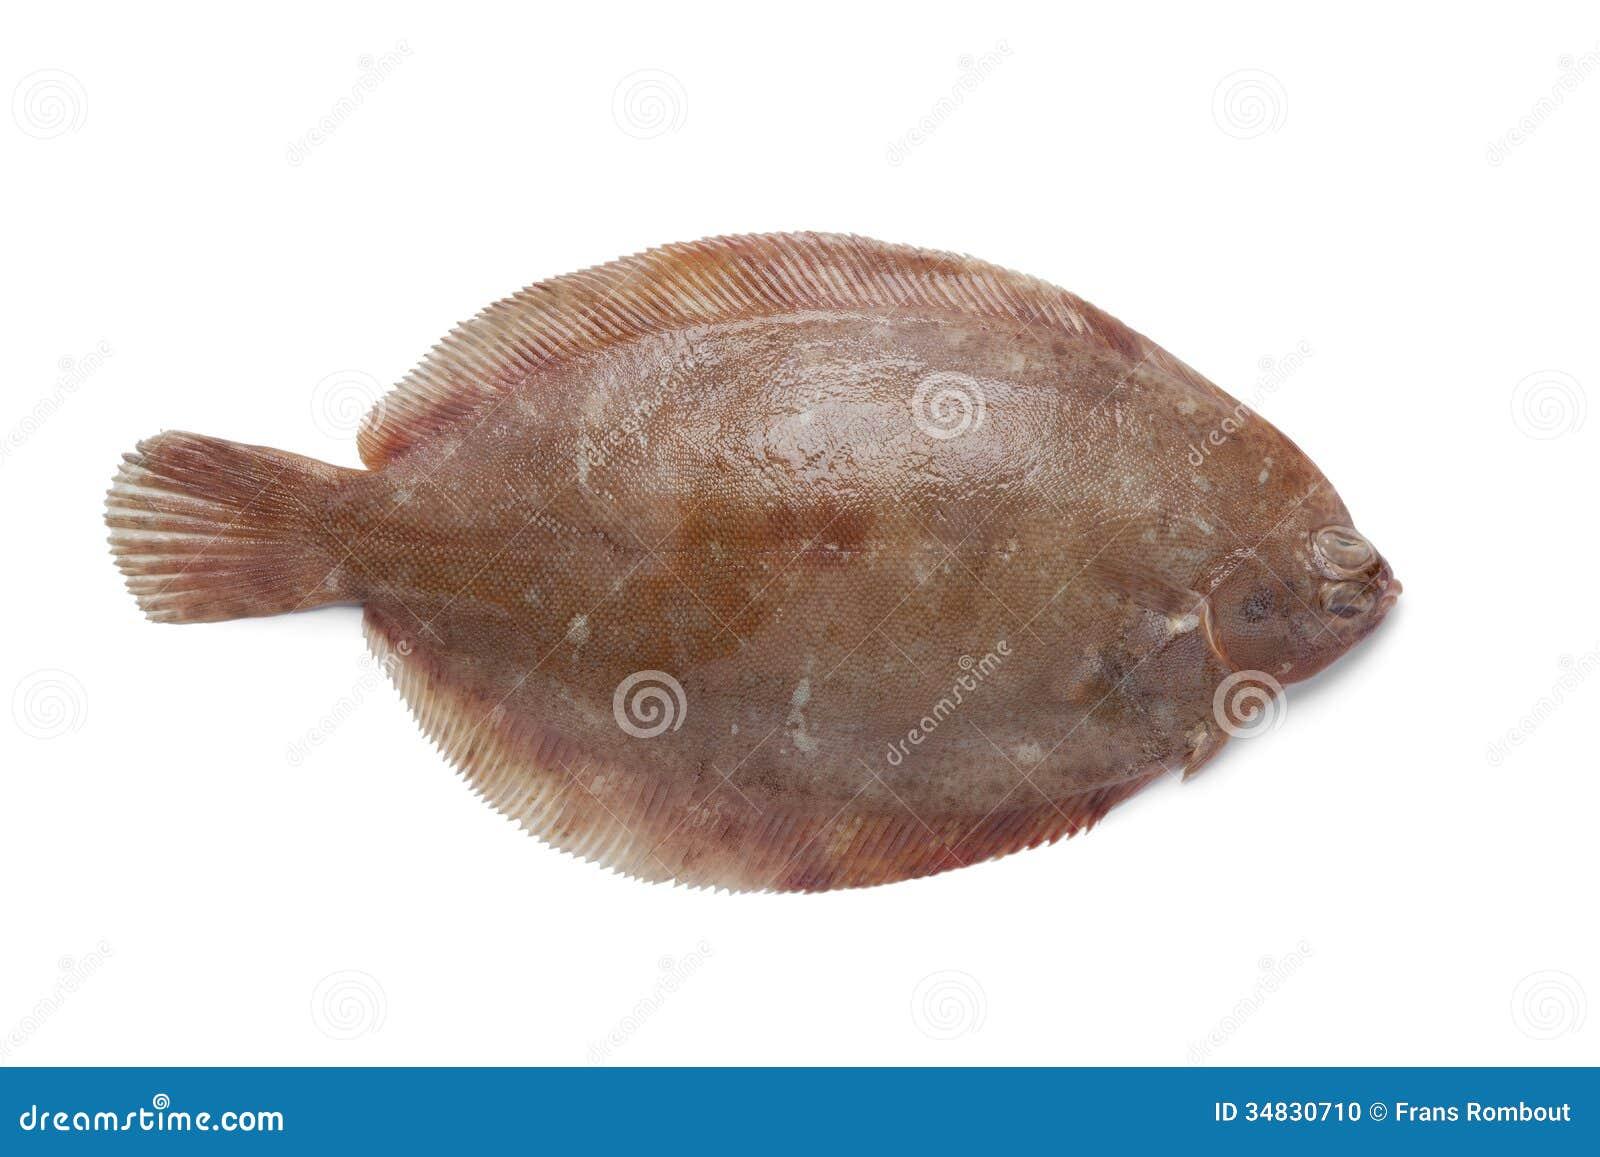 Freshwater Sole : Single Lemon Sole Fish Stock Photo - Image: 34830710